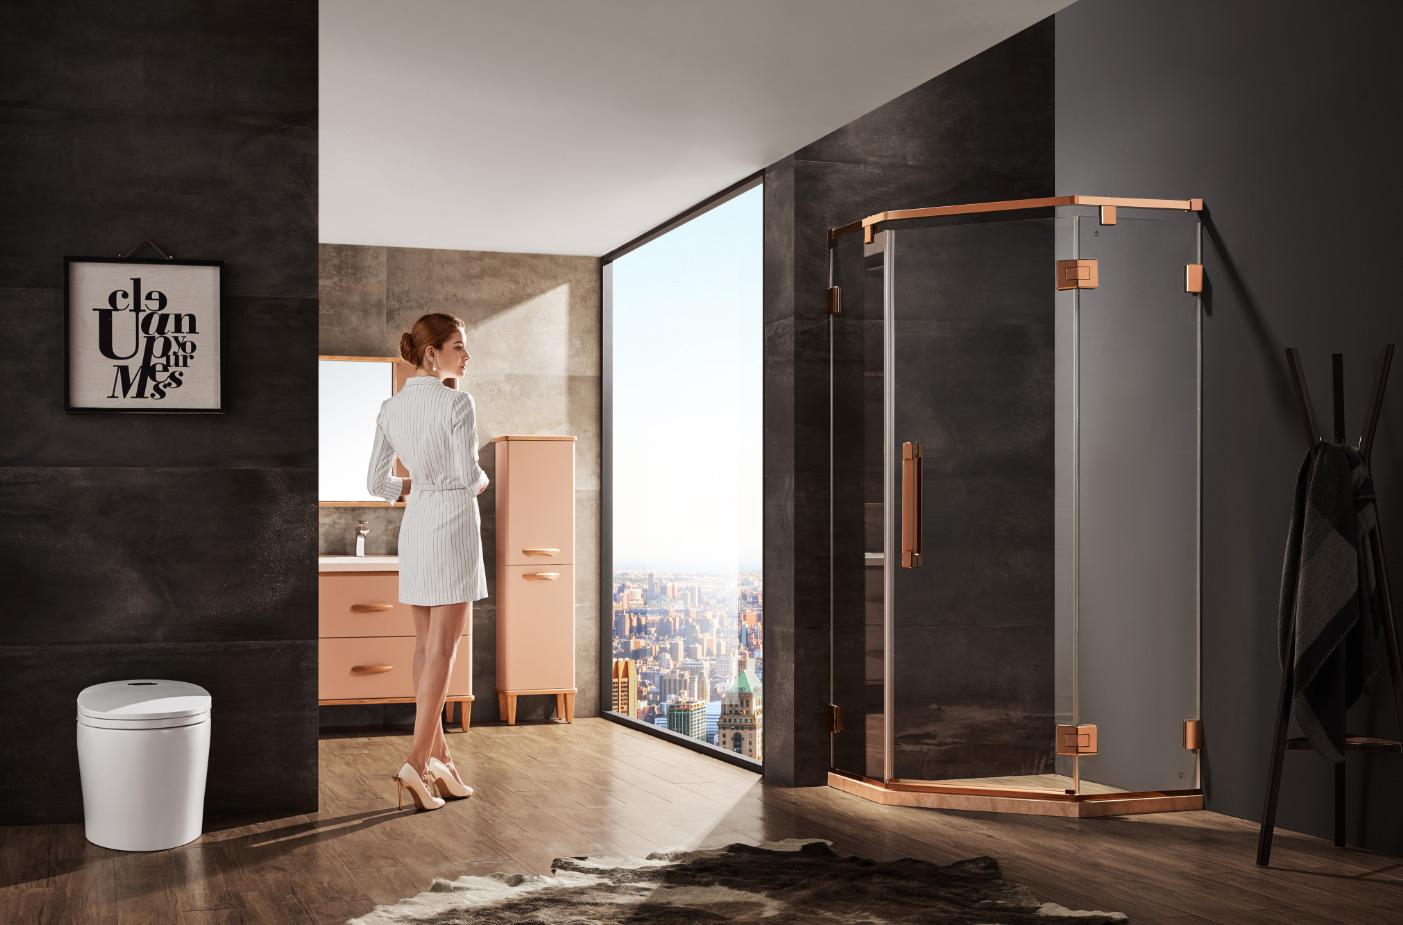 整体卫浴定制是一种怎样的体验?如何满足用户的个性化需求?